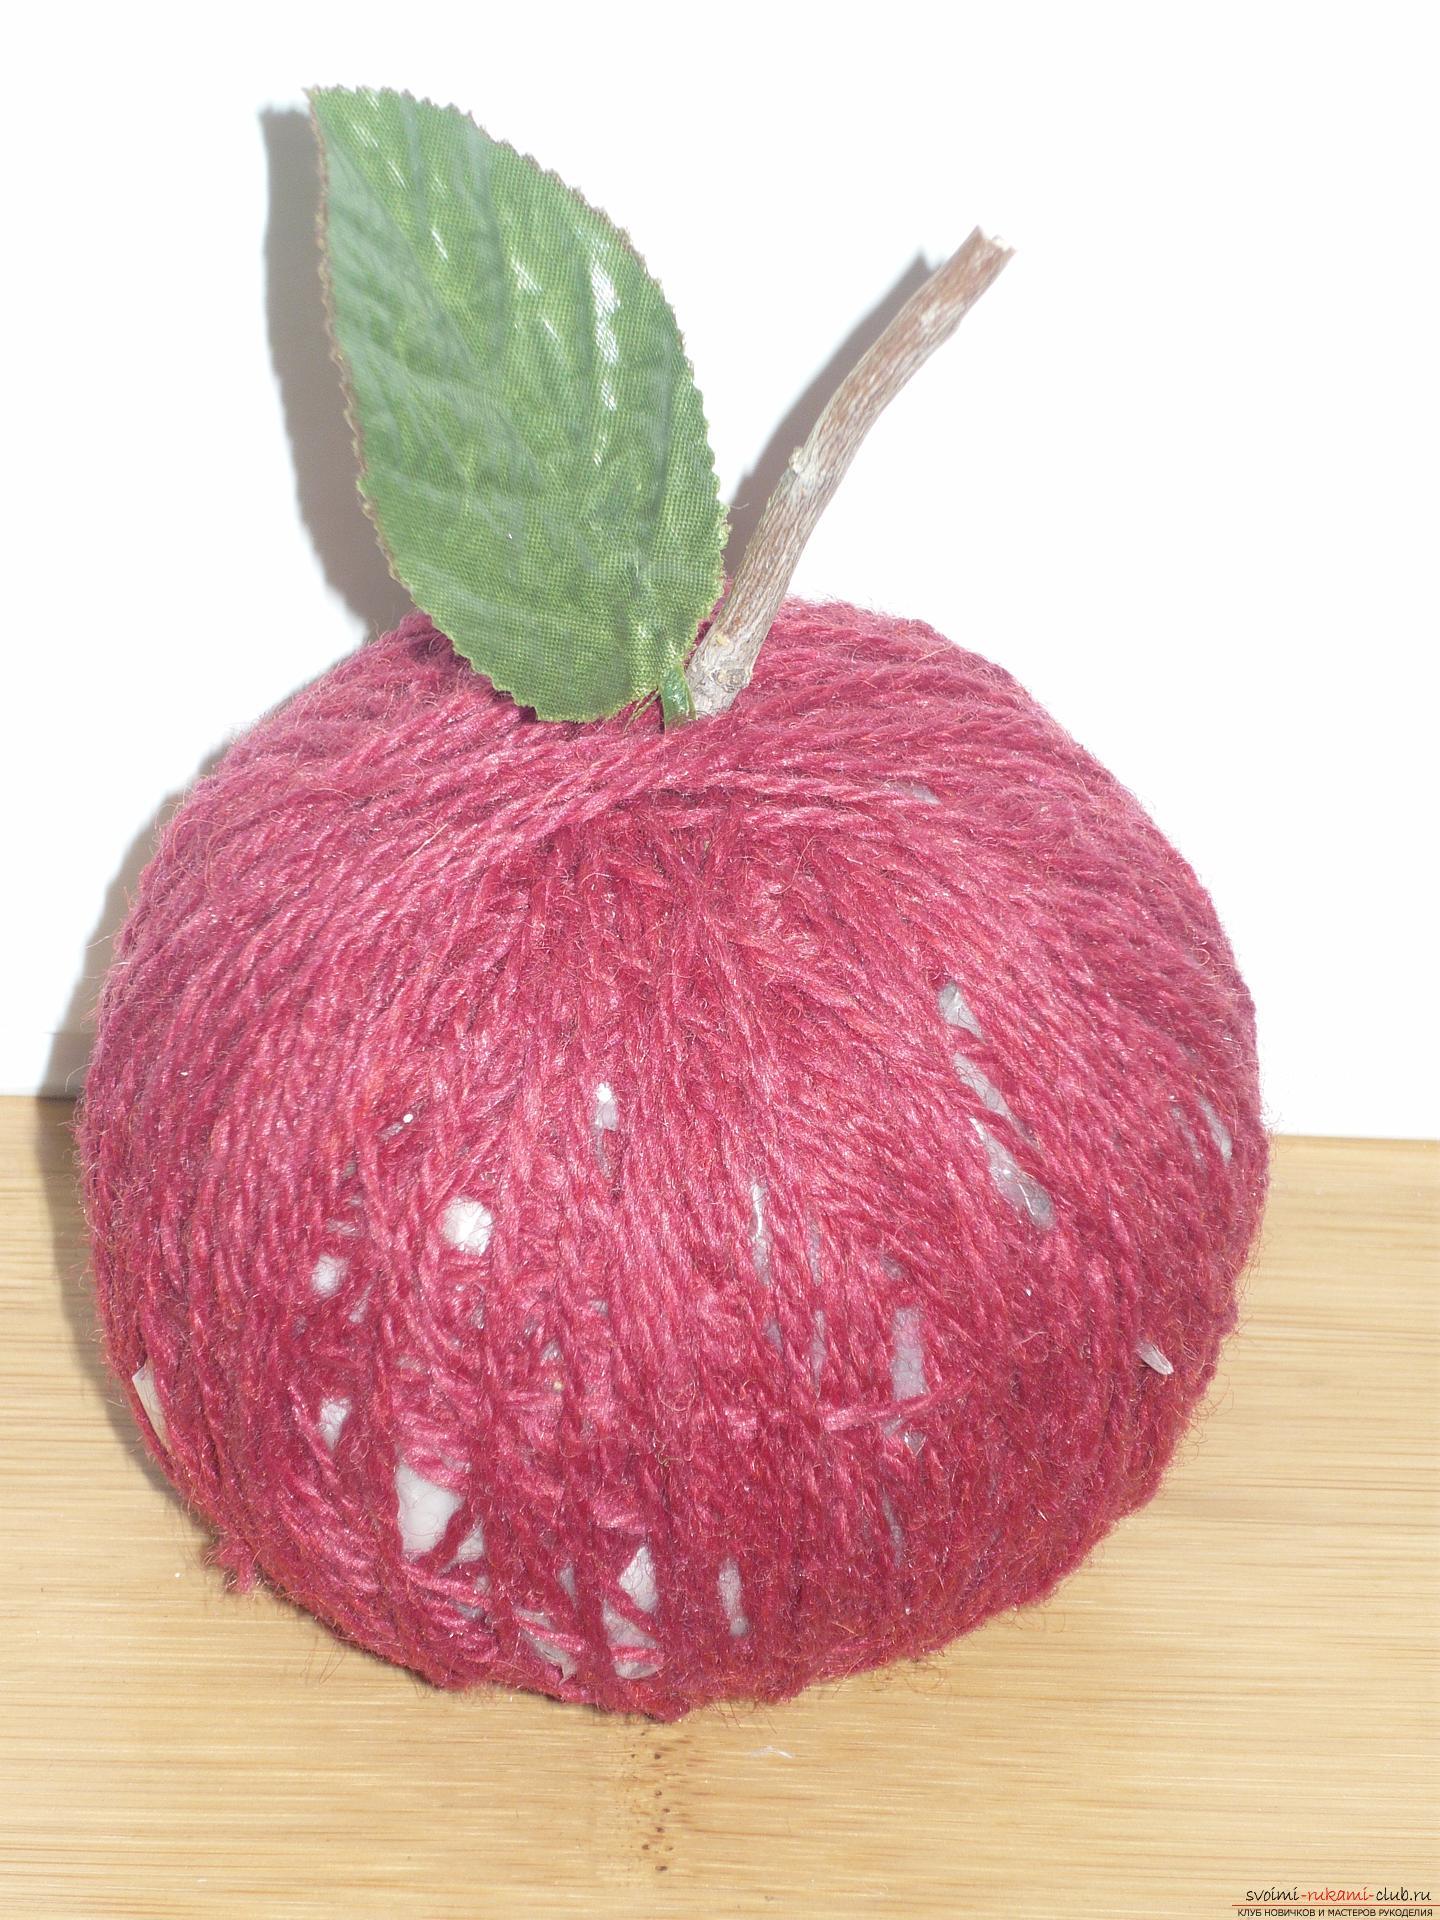 Как сделать искусственное яблоко своими руками 37